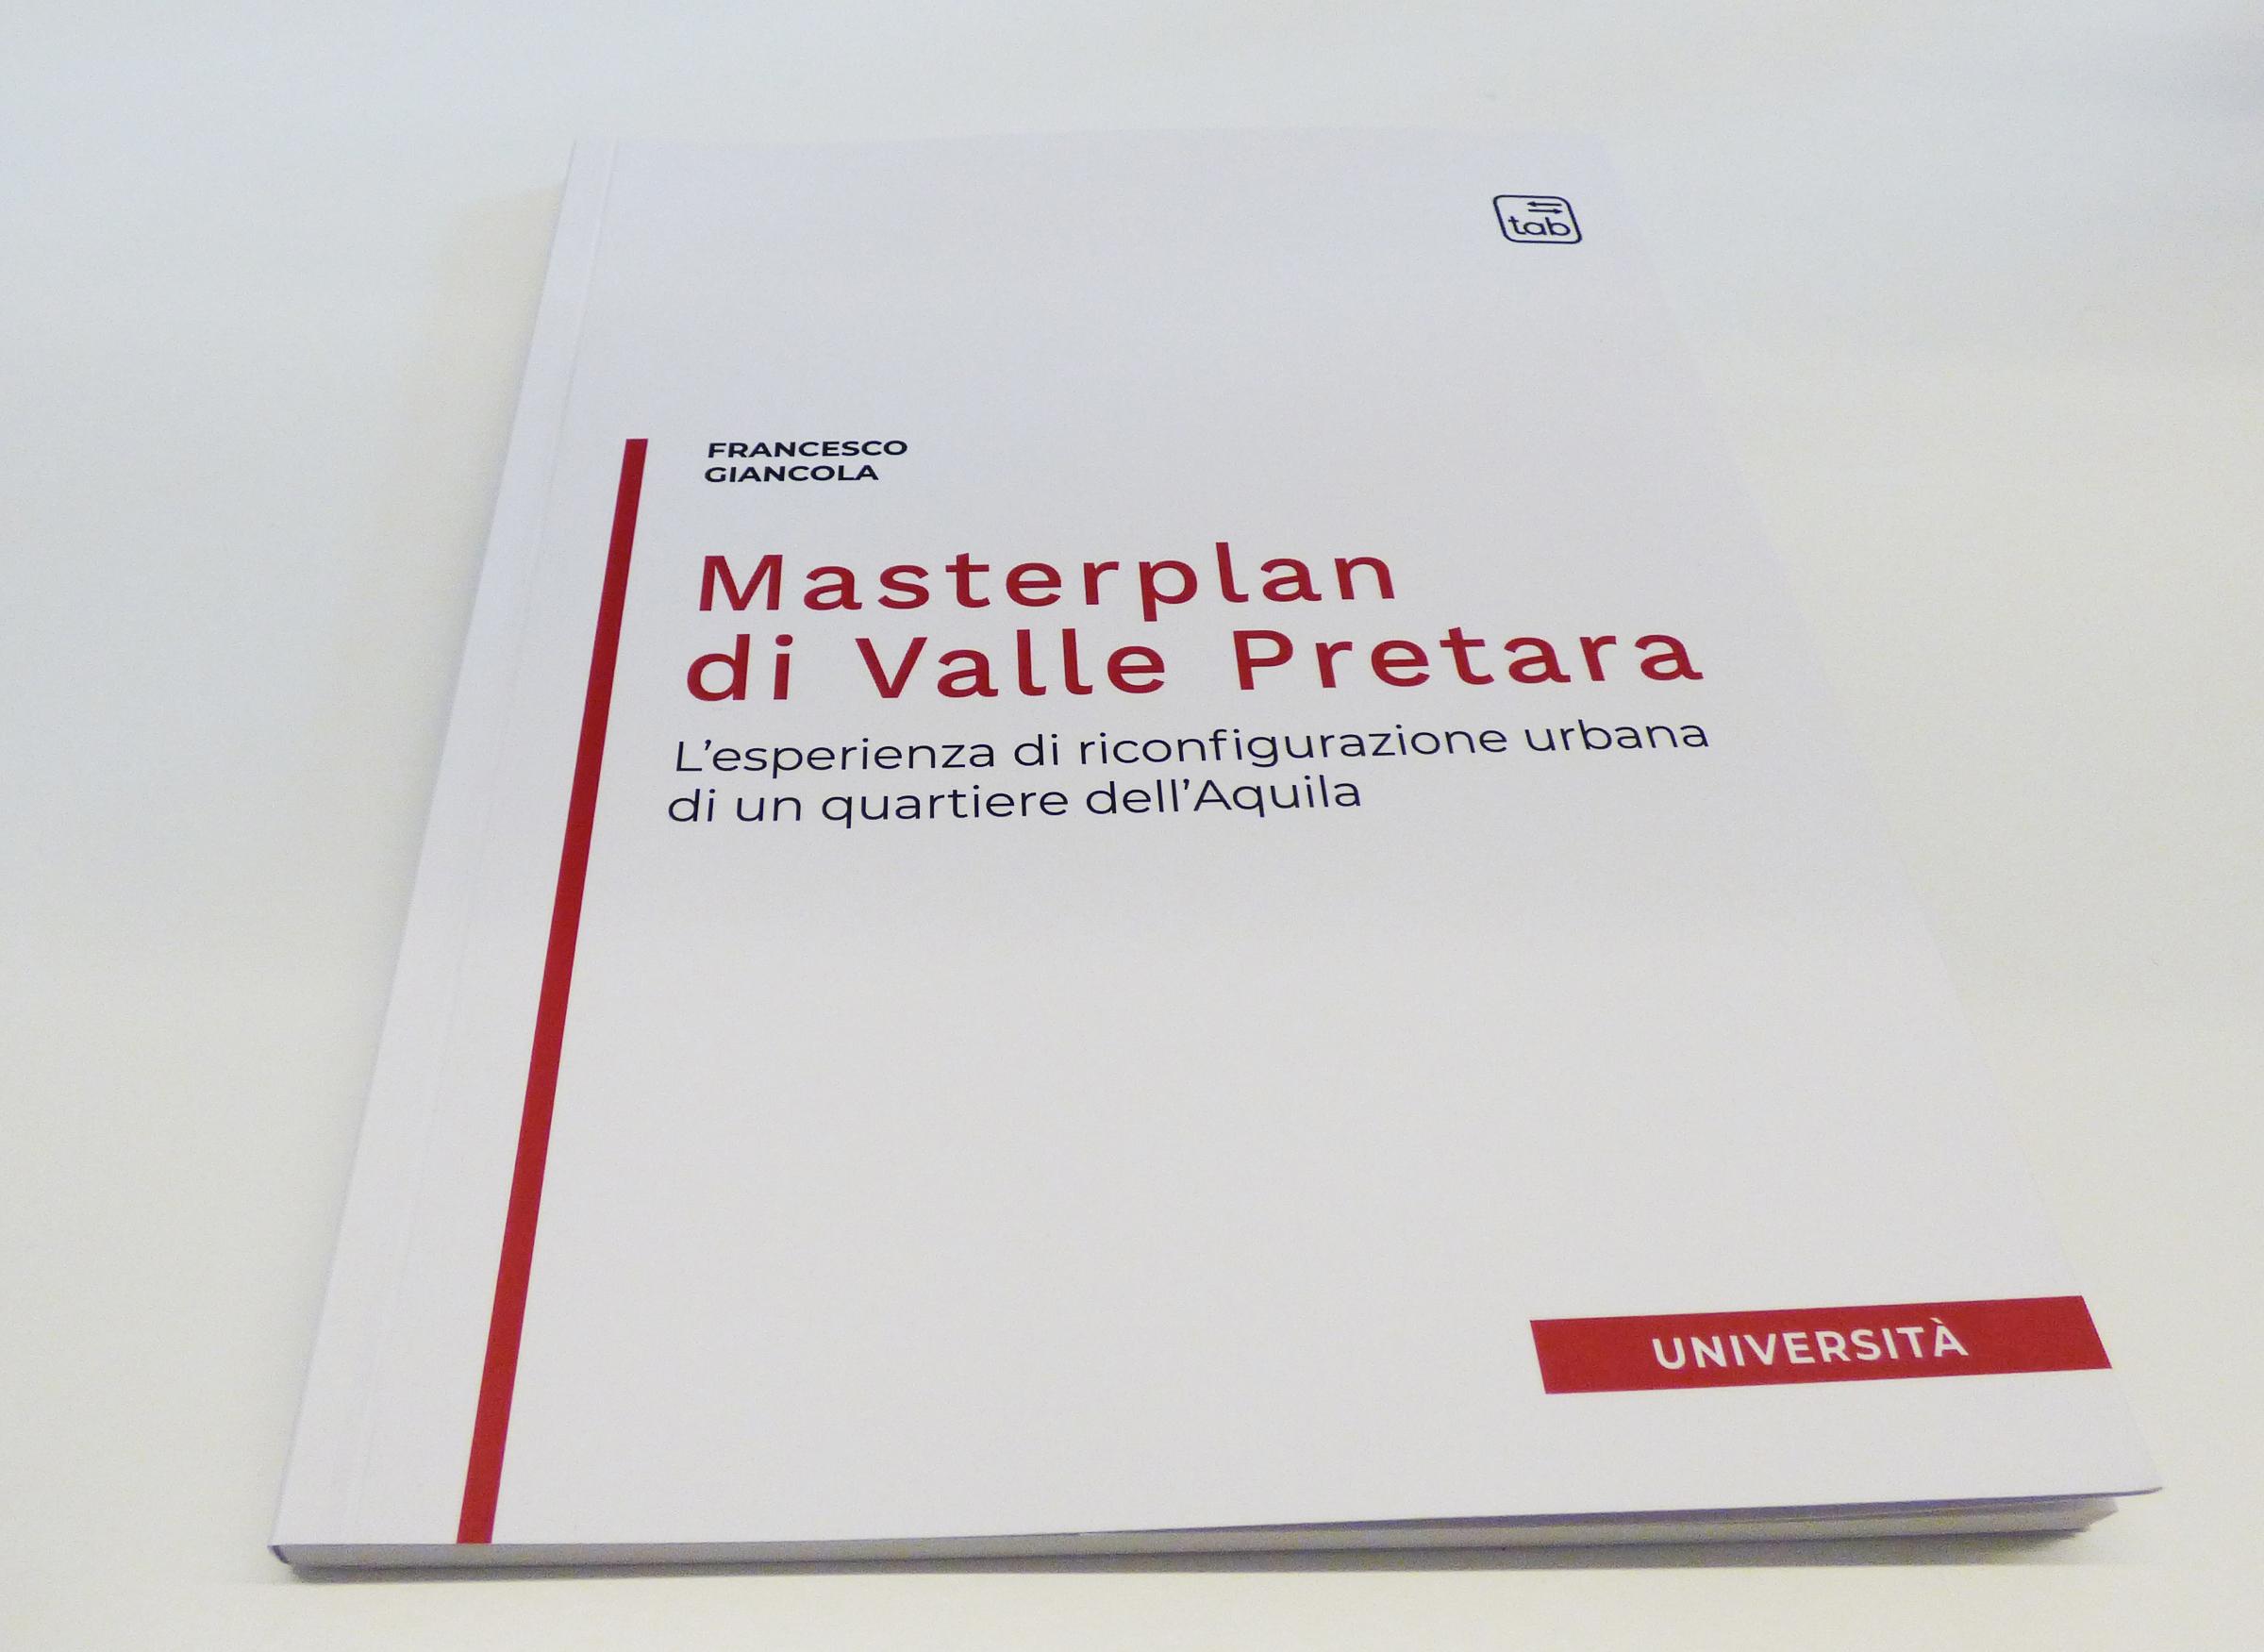 Il libro sul lavoro del Masterplan di Valle Pretara